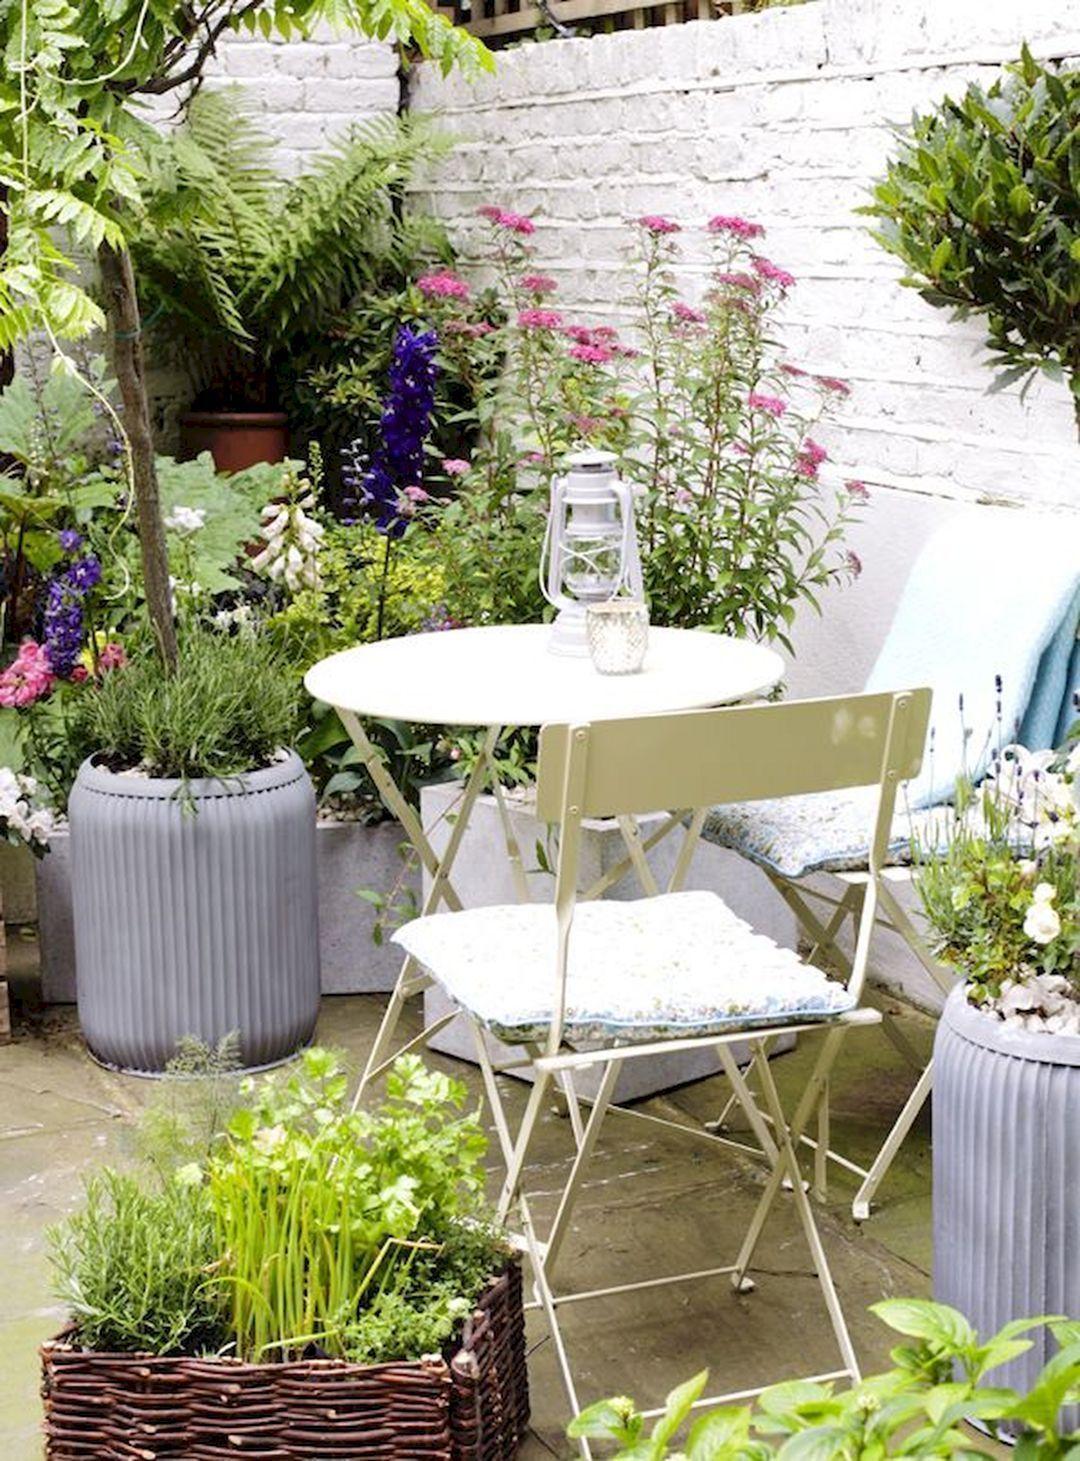 Cottage garden landscape design ideas  Flawless  Beautiful Small Cottage Garden Design Ideas For